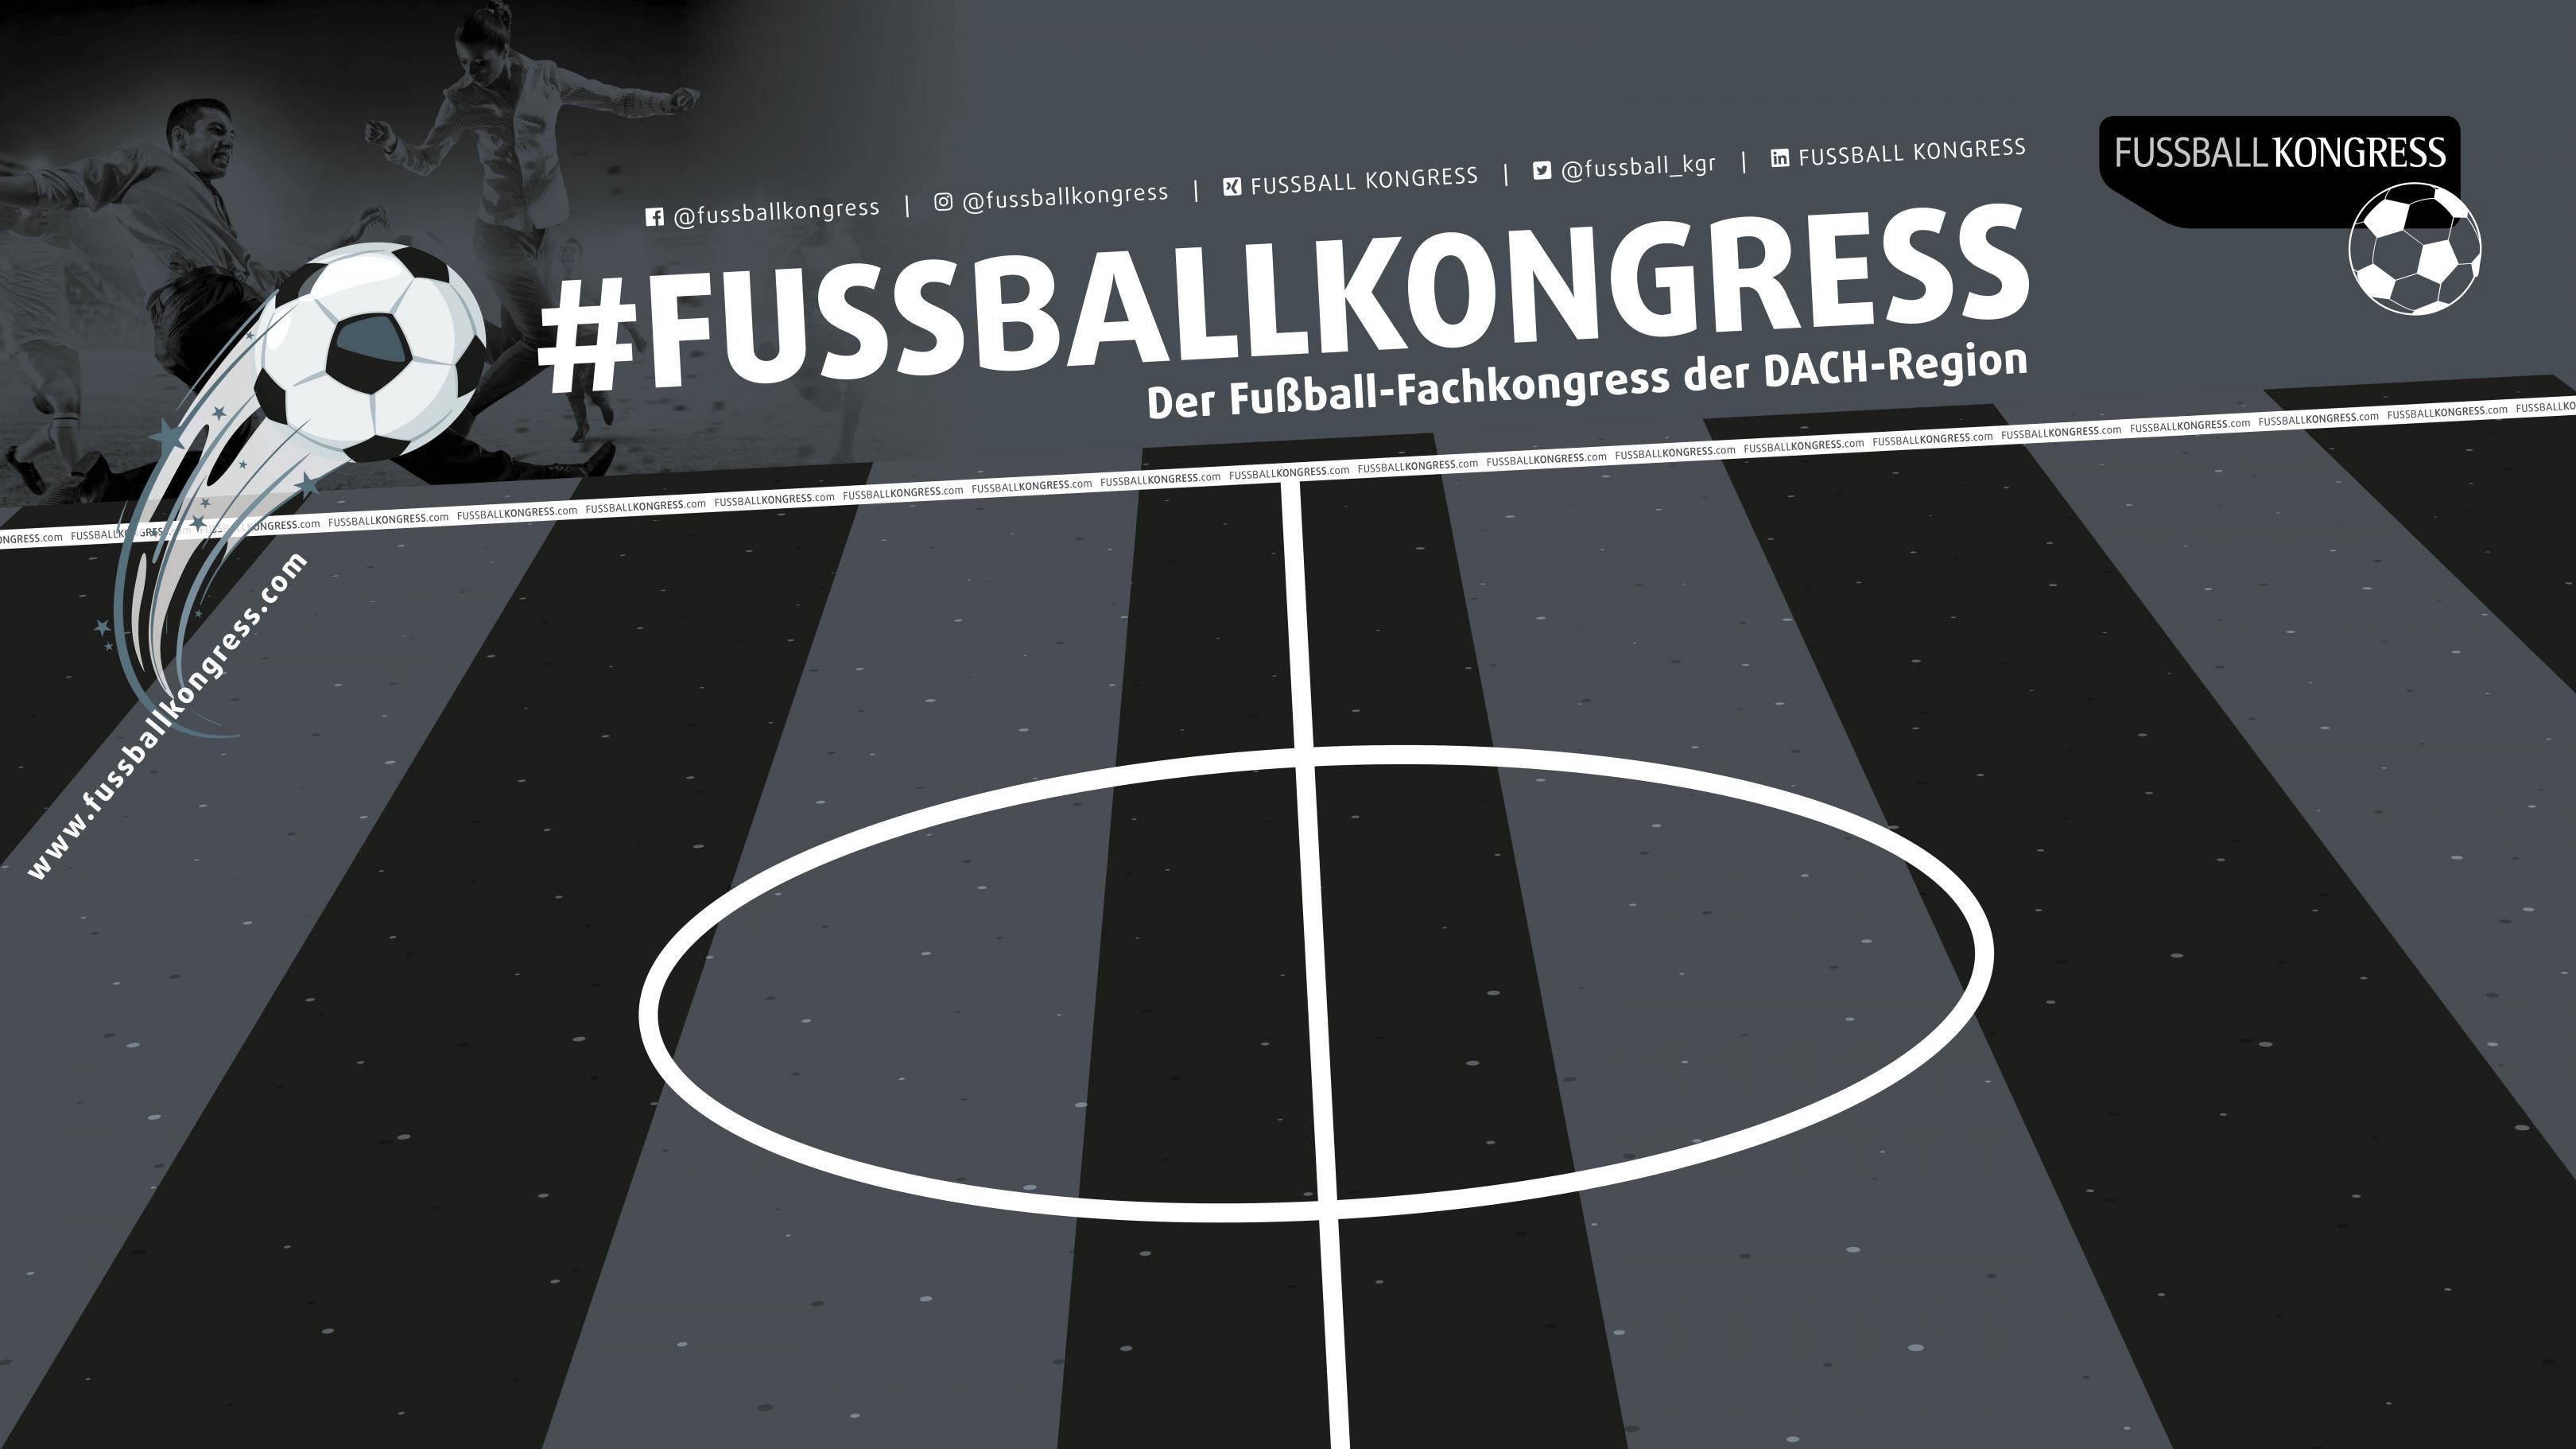 Der führende Fußball-Fachkongress der DACH-Region: Jetzt Ticket sichern!